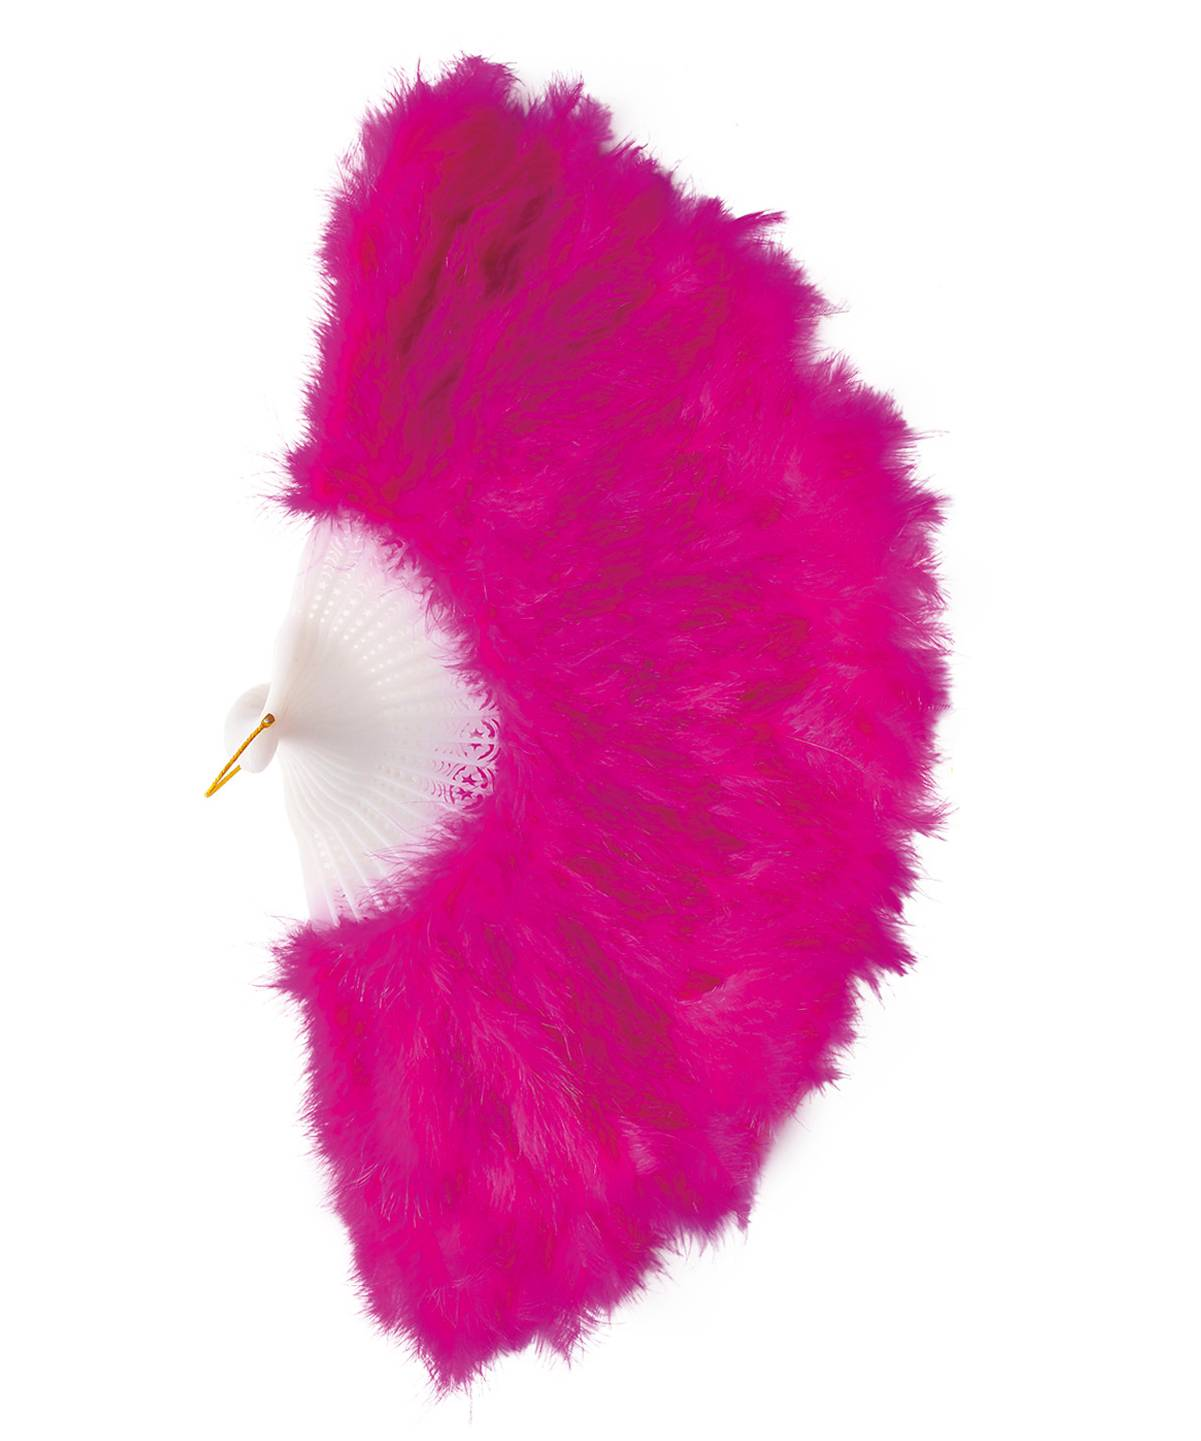 Éventail-en-plumes-rose-vif